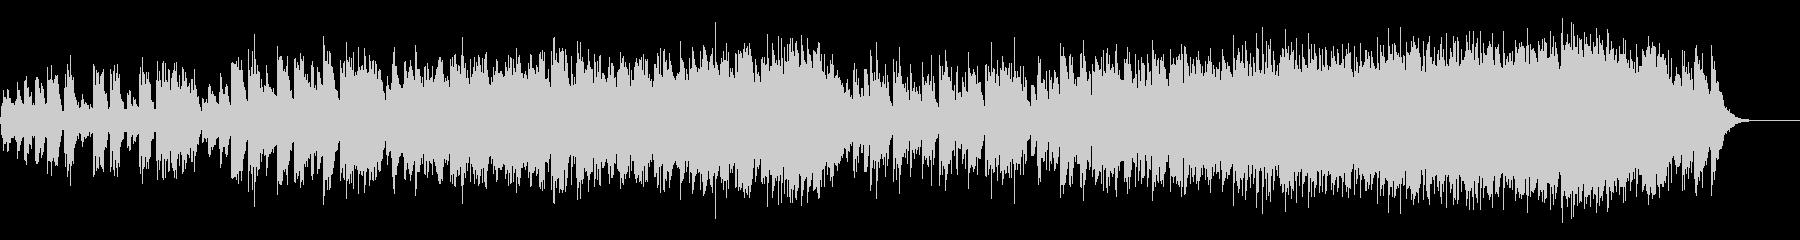 センチメンタルで切ないスローバラードの未再生の波形